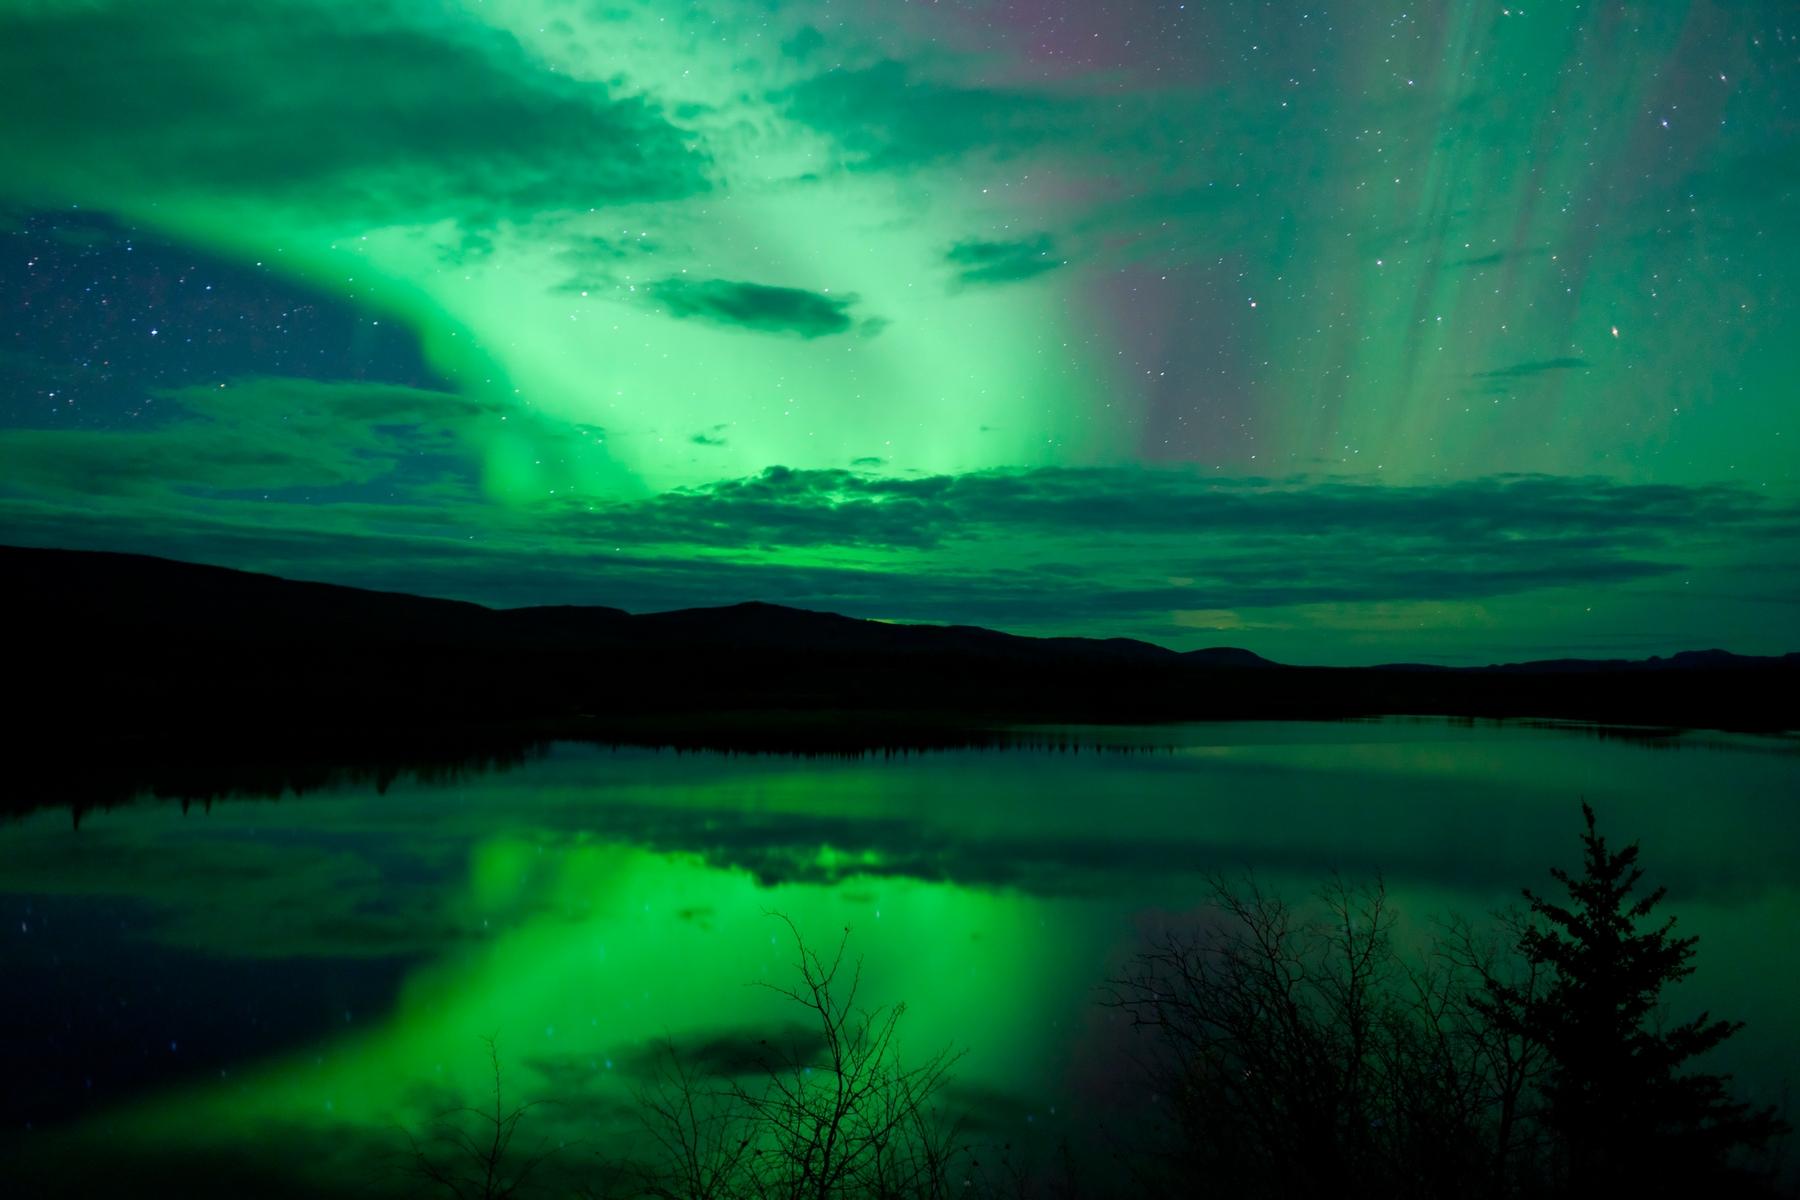 Магическое северное сияние без городской засветки можно увидеть не только в Норвегии или Исландии, но и в России